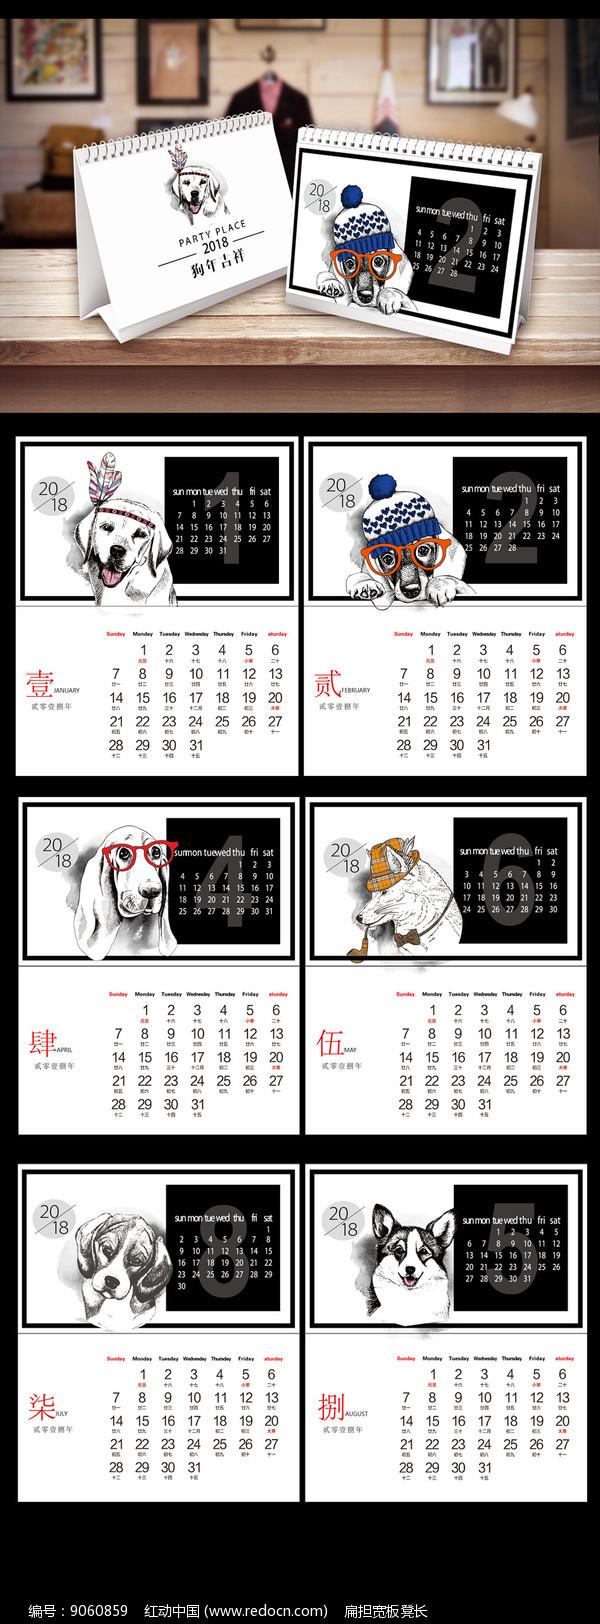 简洁卡通狗年台历图片